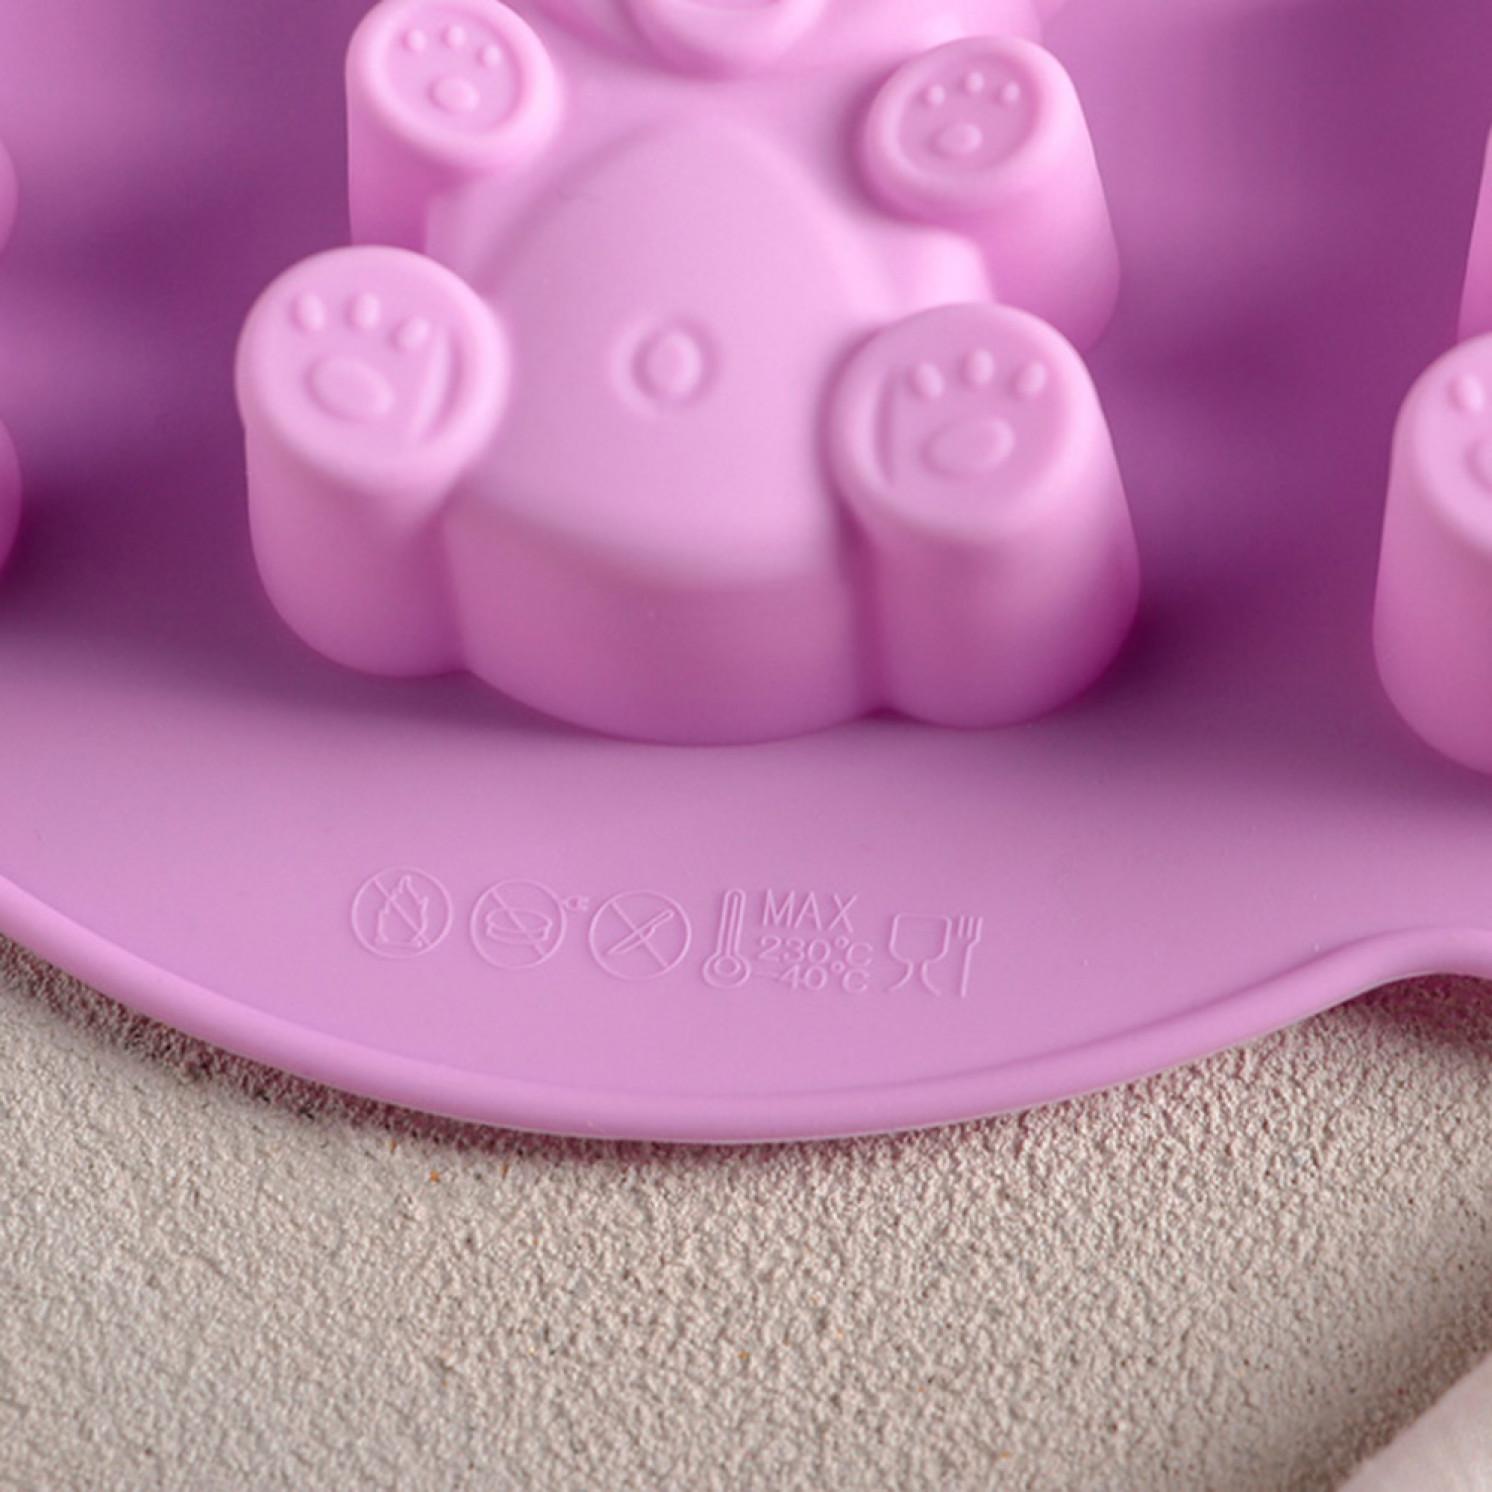 Форма для выпечки «Мишка», 27×24 см, 7 ячеек (6,7×3,2 см), цвет МИКС